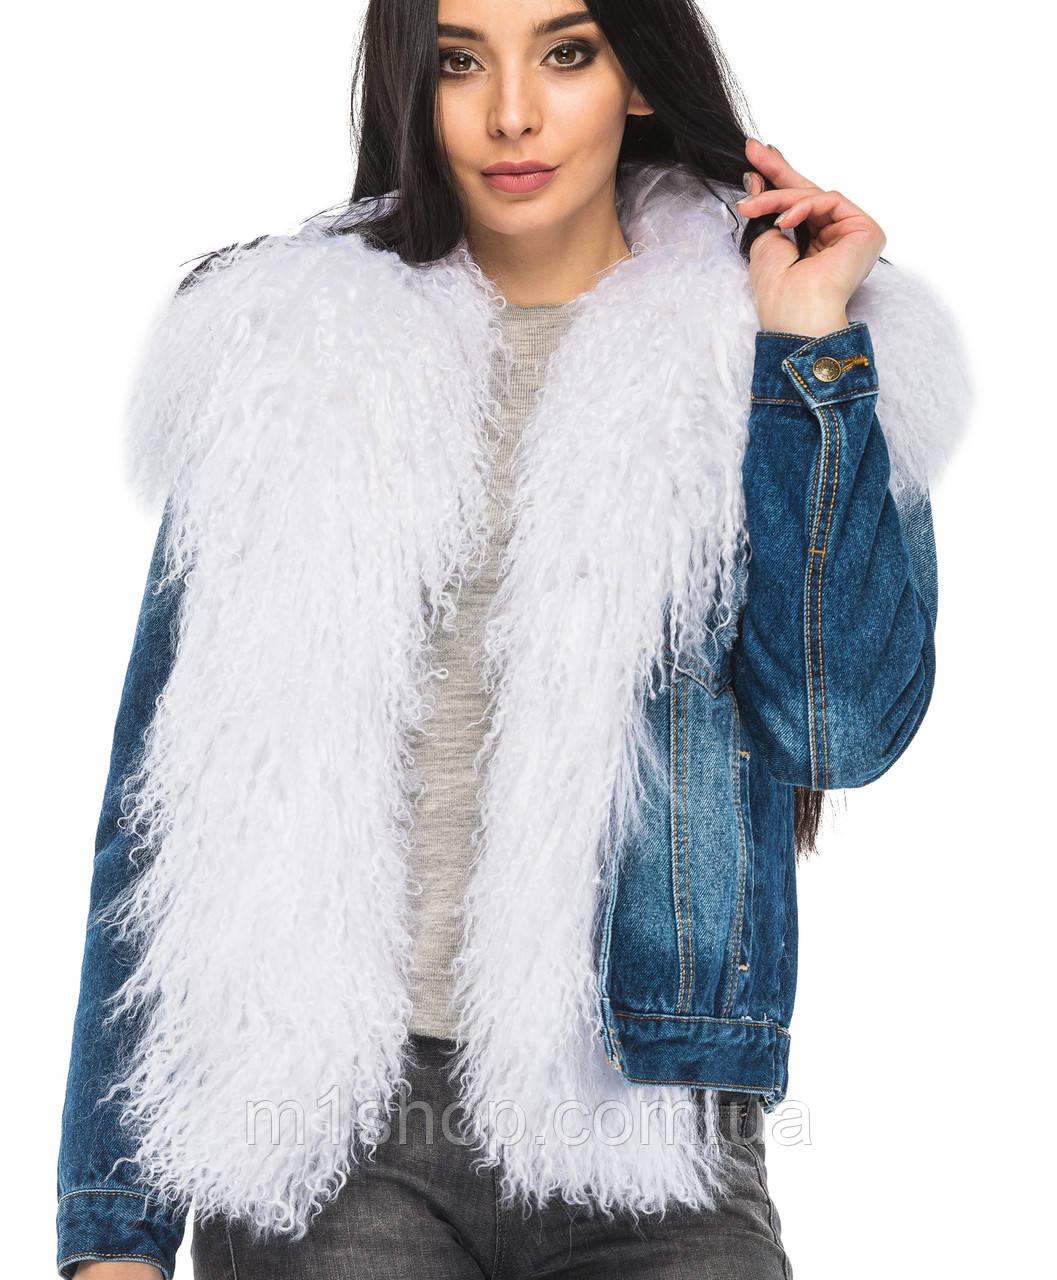 Женская Зимняя Одежда